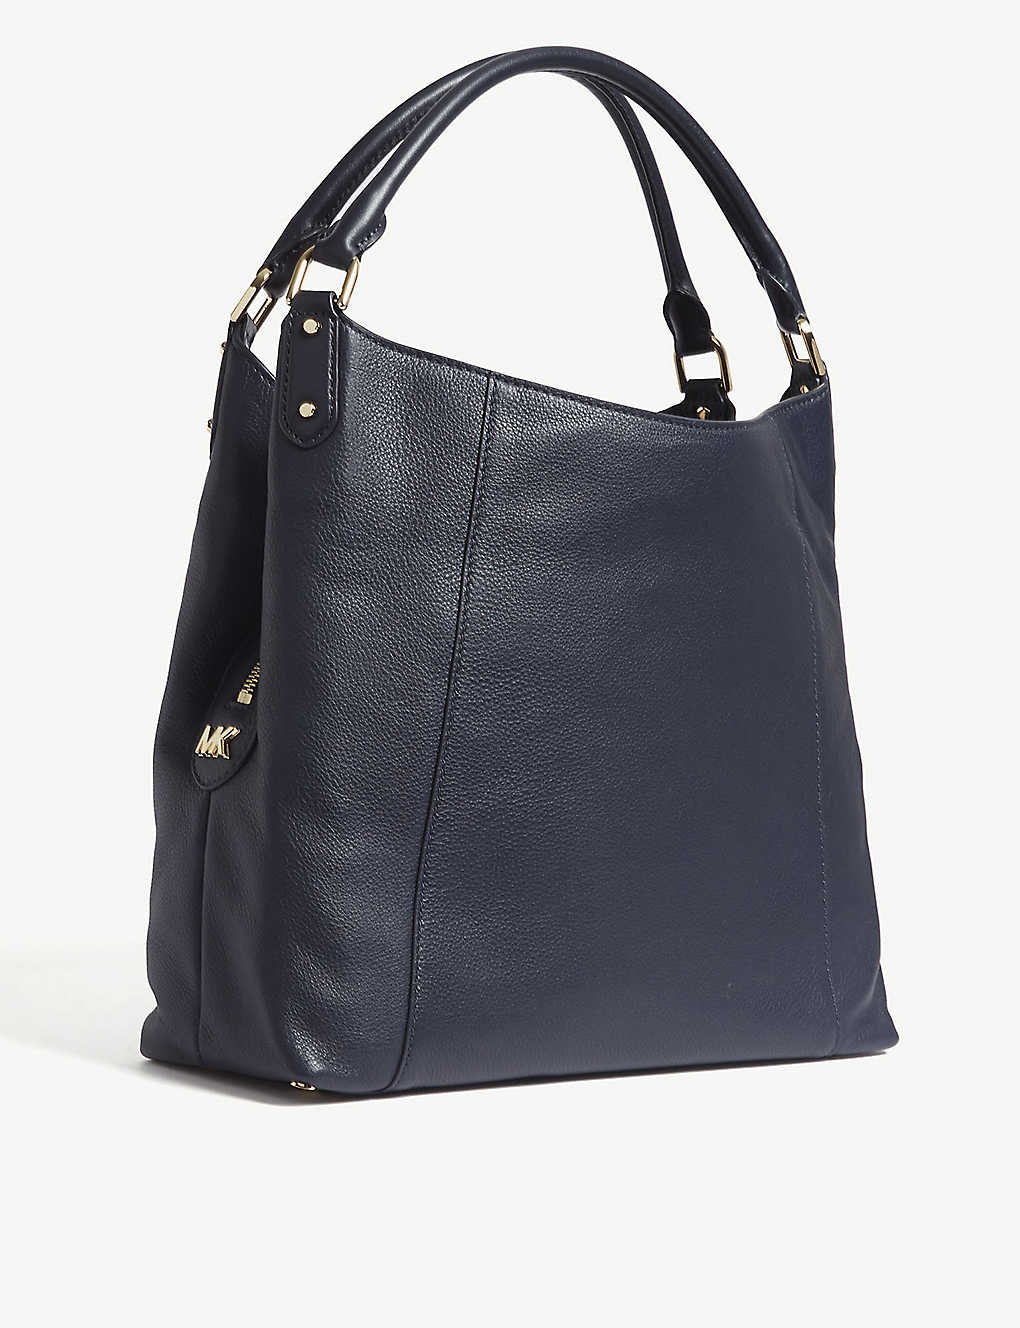 Evie Large Leather Shoulder Bag Black